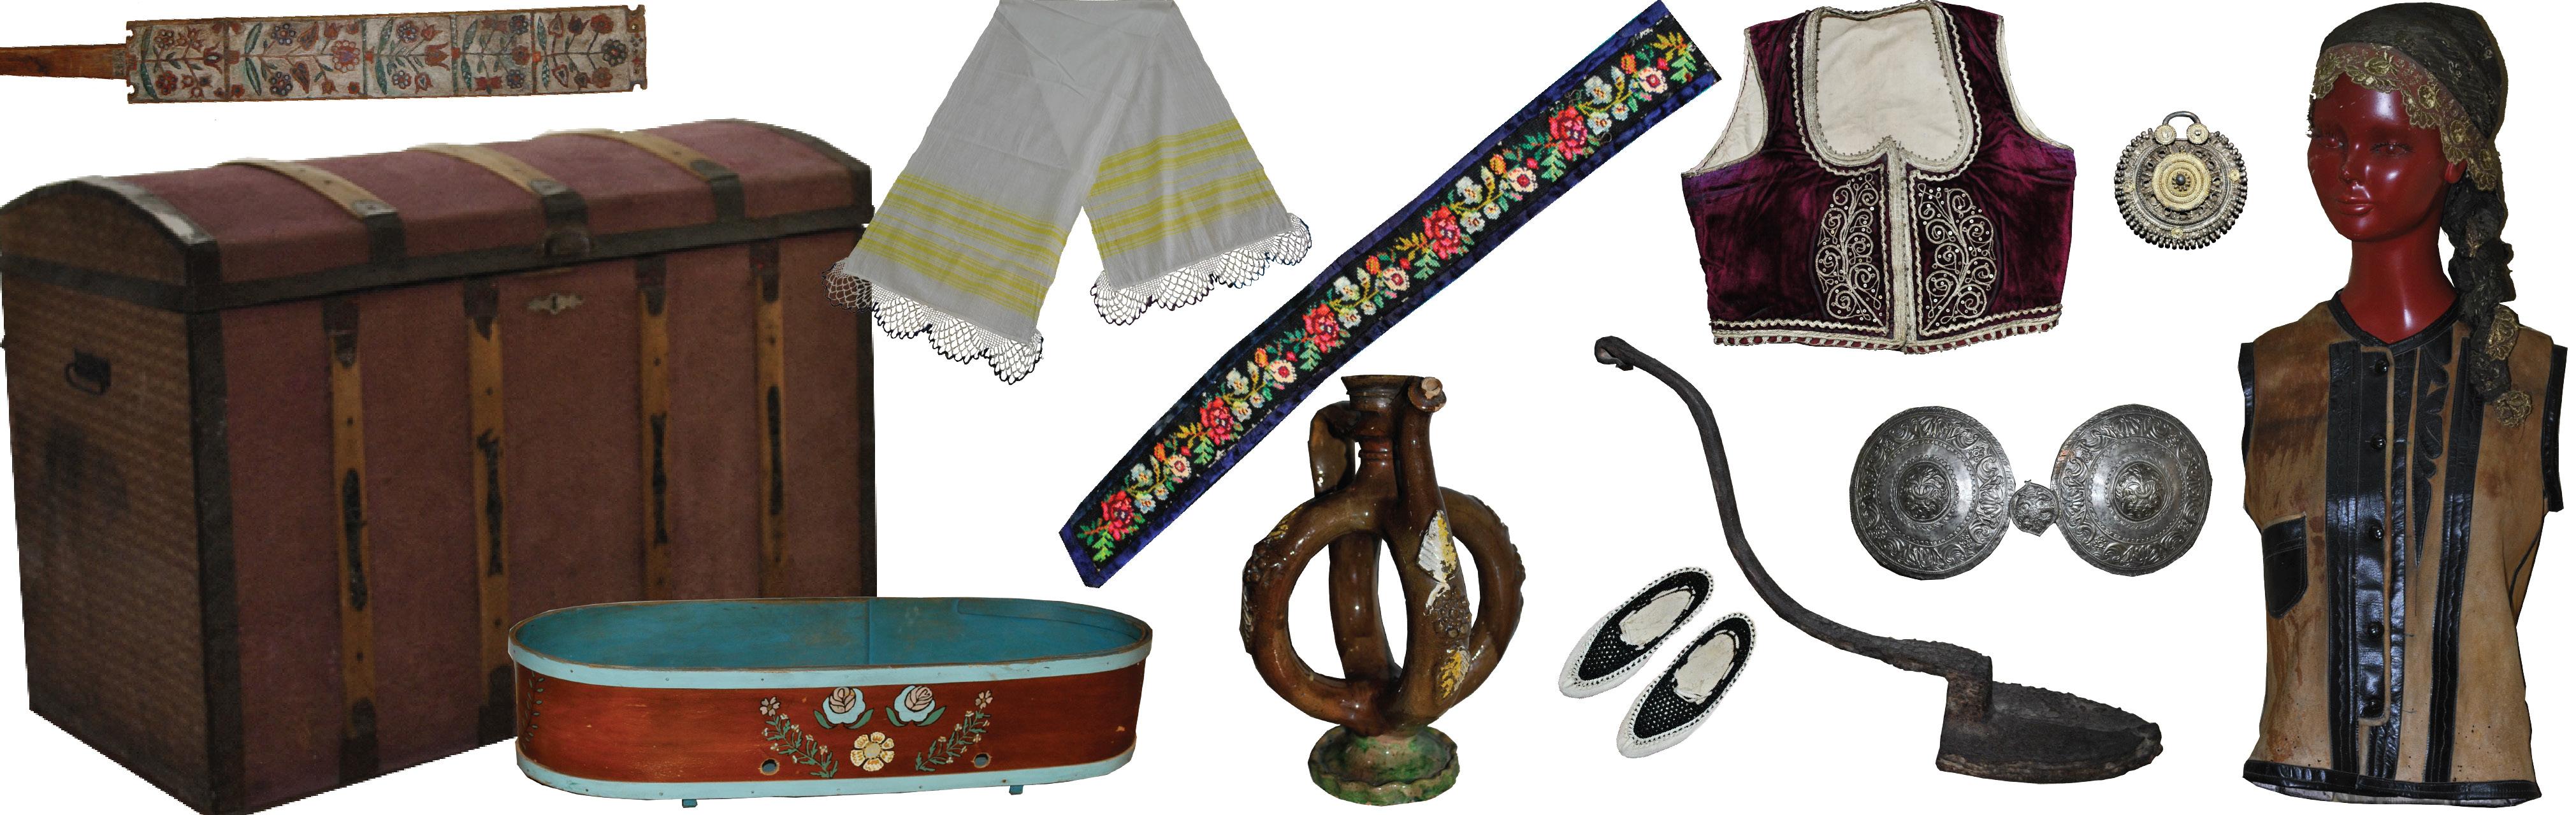 etnoloska zbirka2